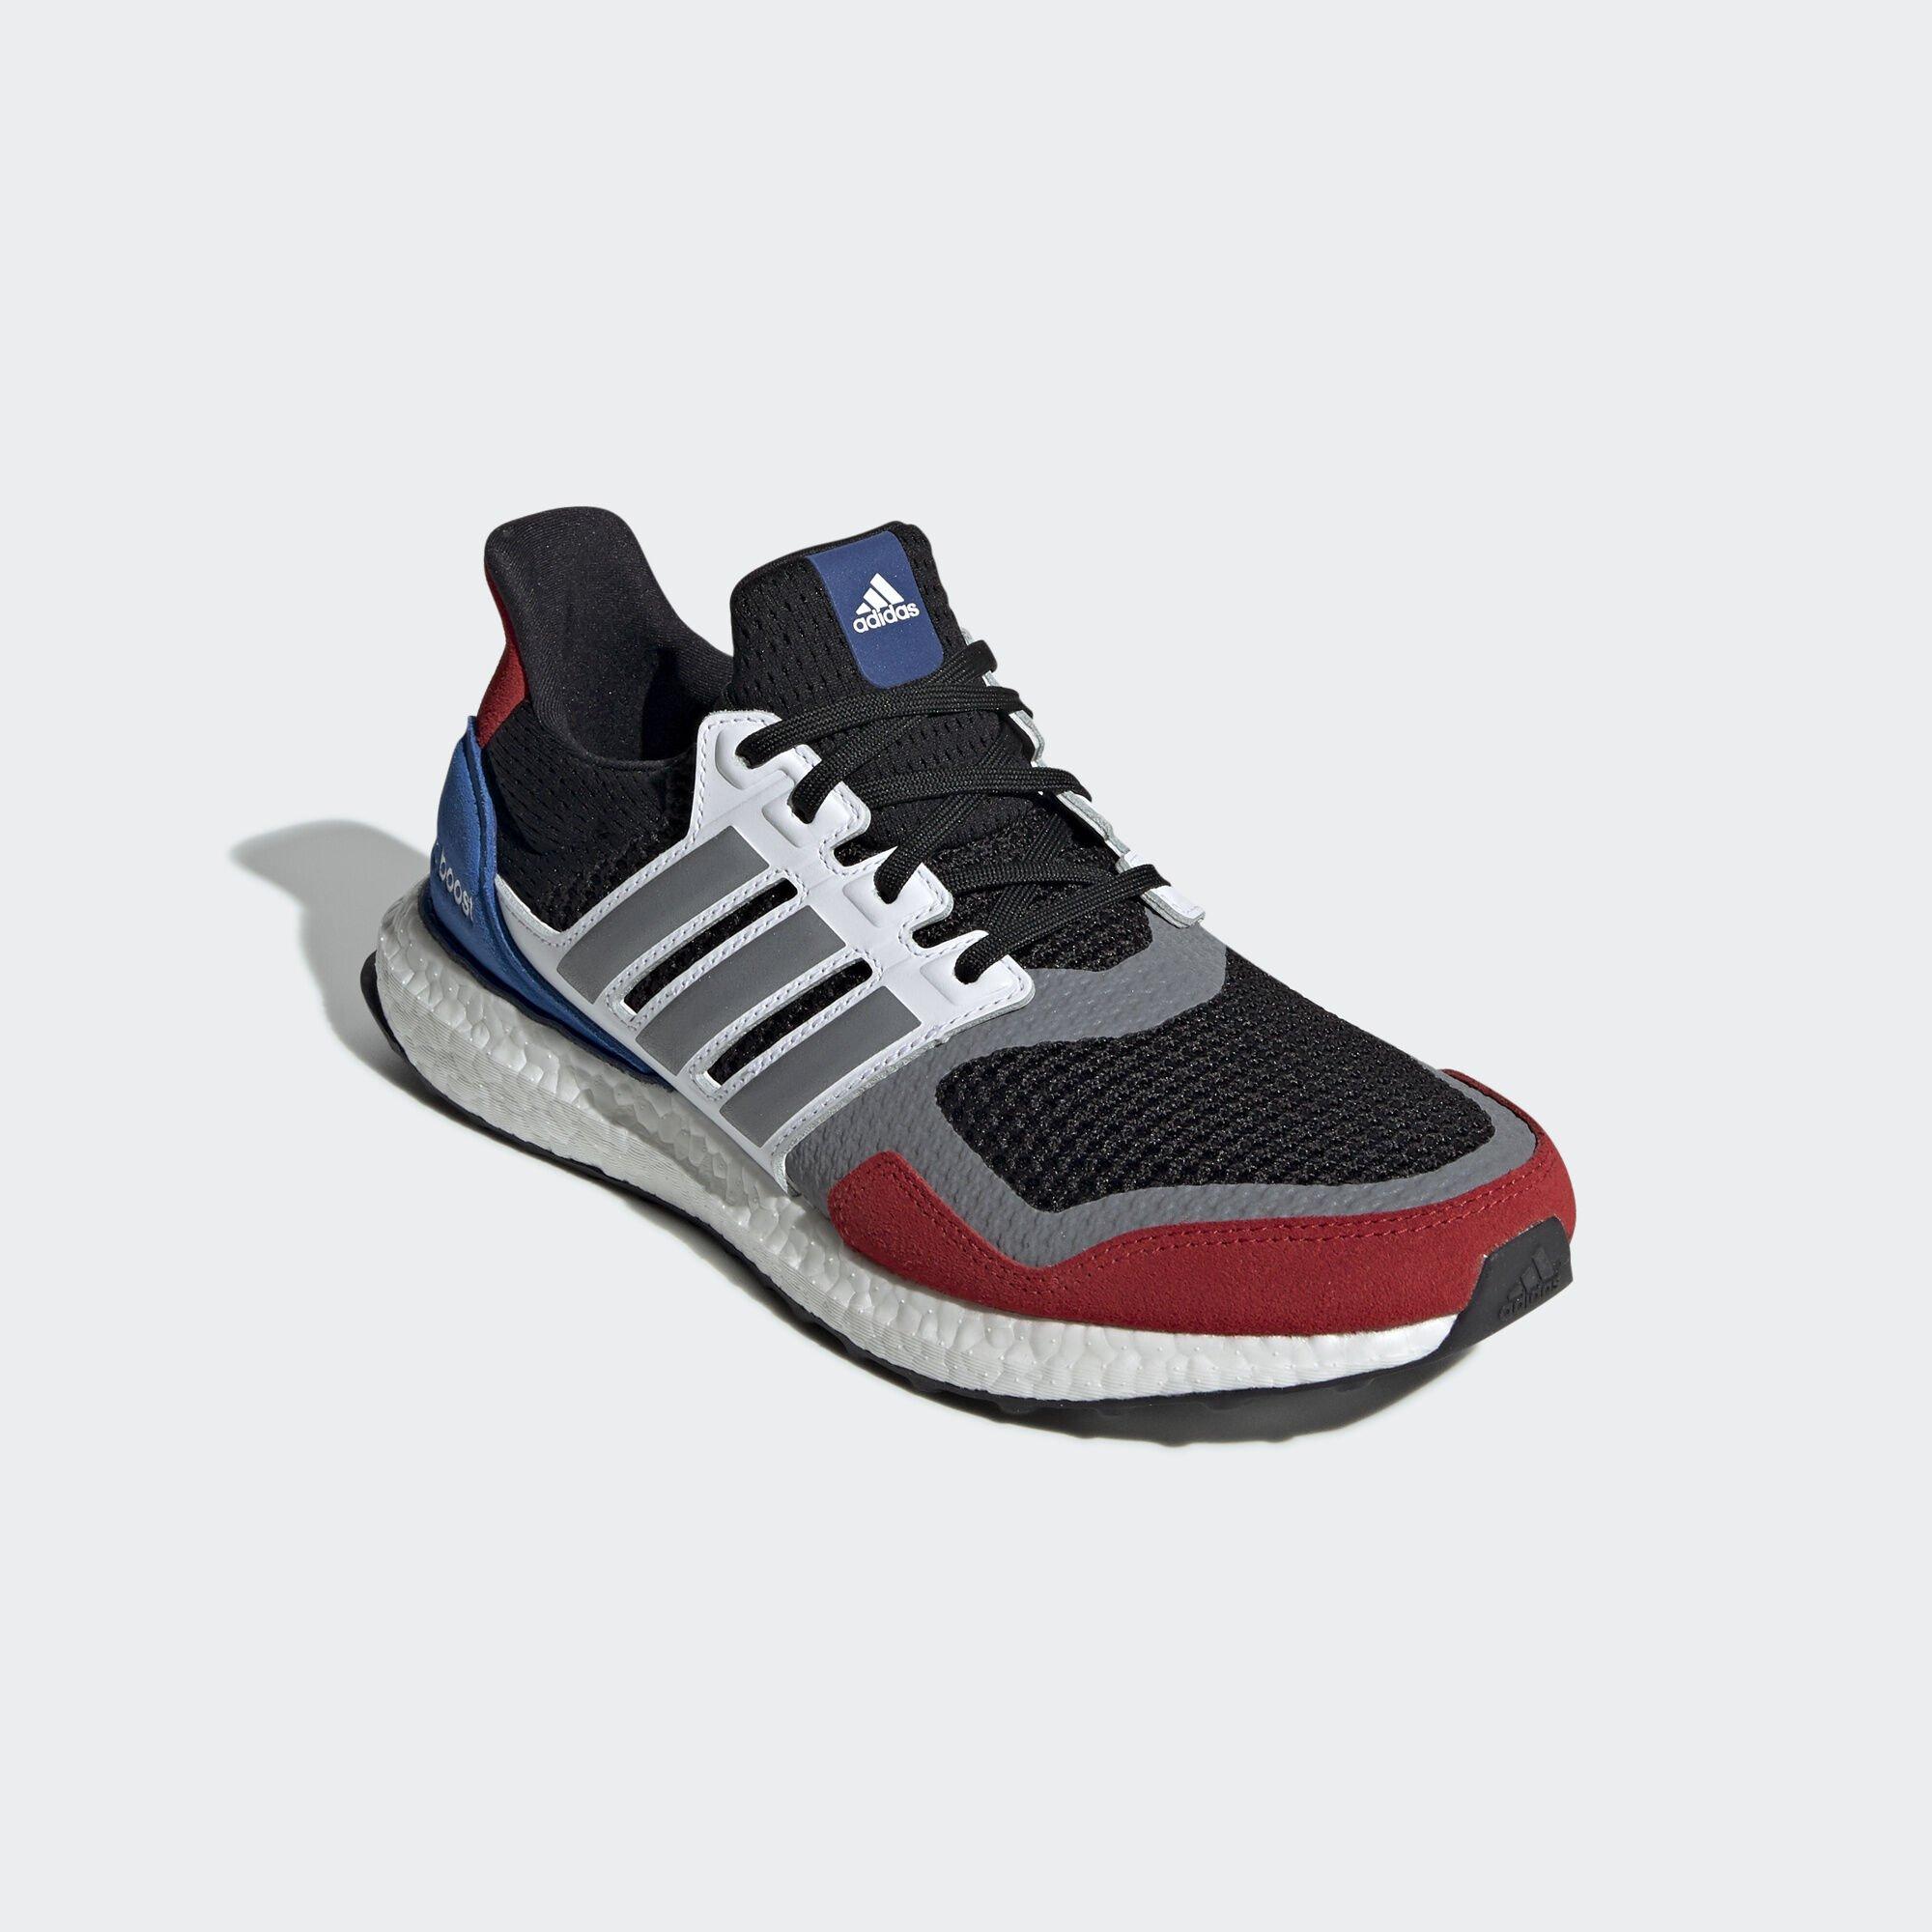 adidas Ultra Boost SL Black Red Blue (EF1360)